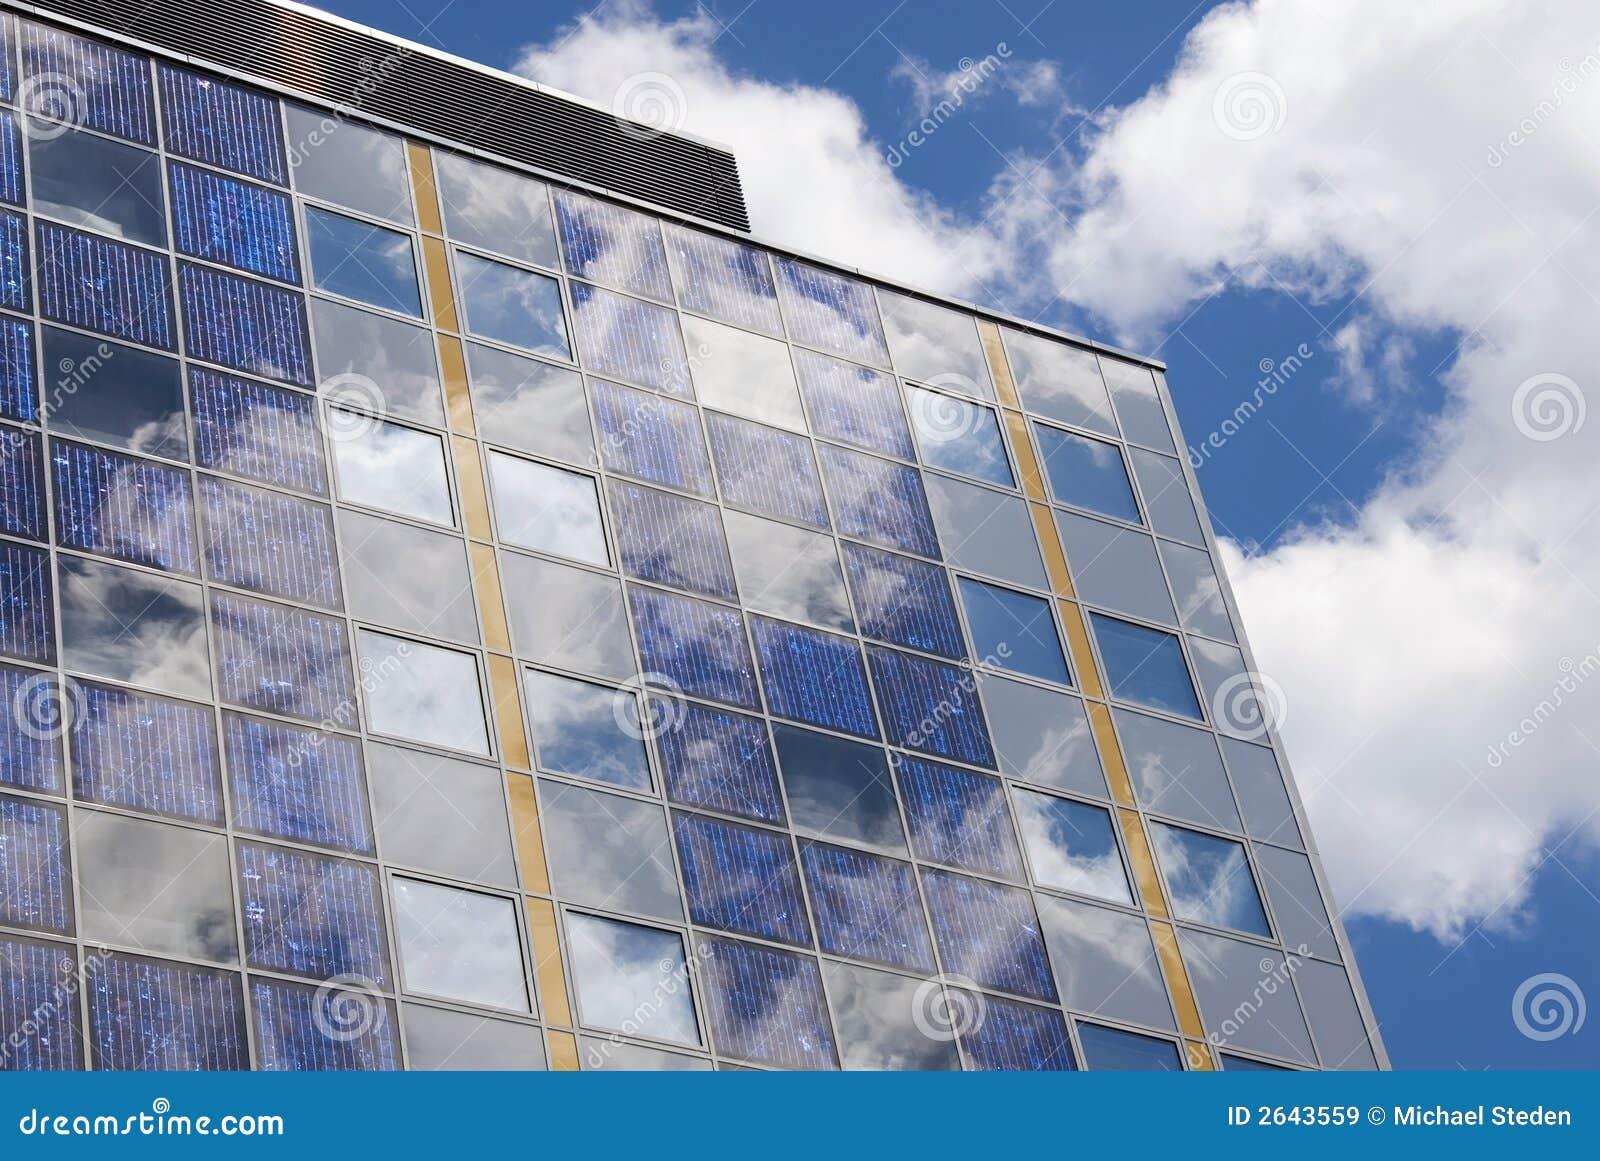 Célula solar moderna em uma fachada